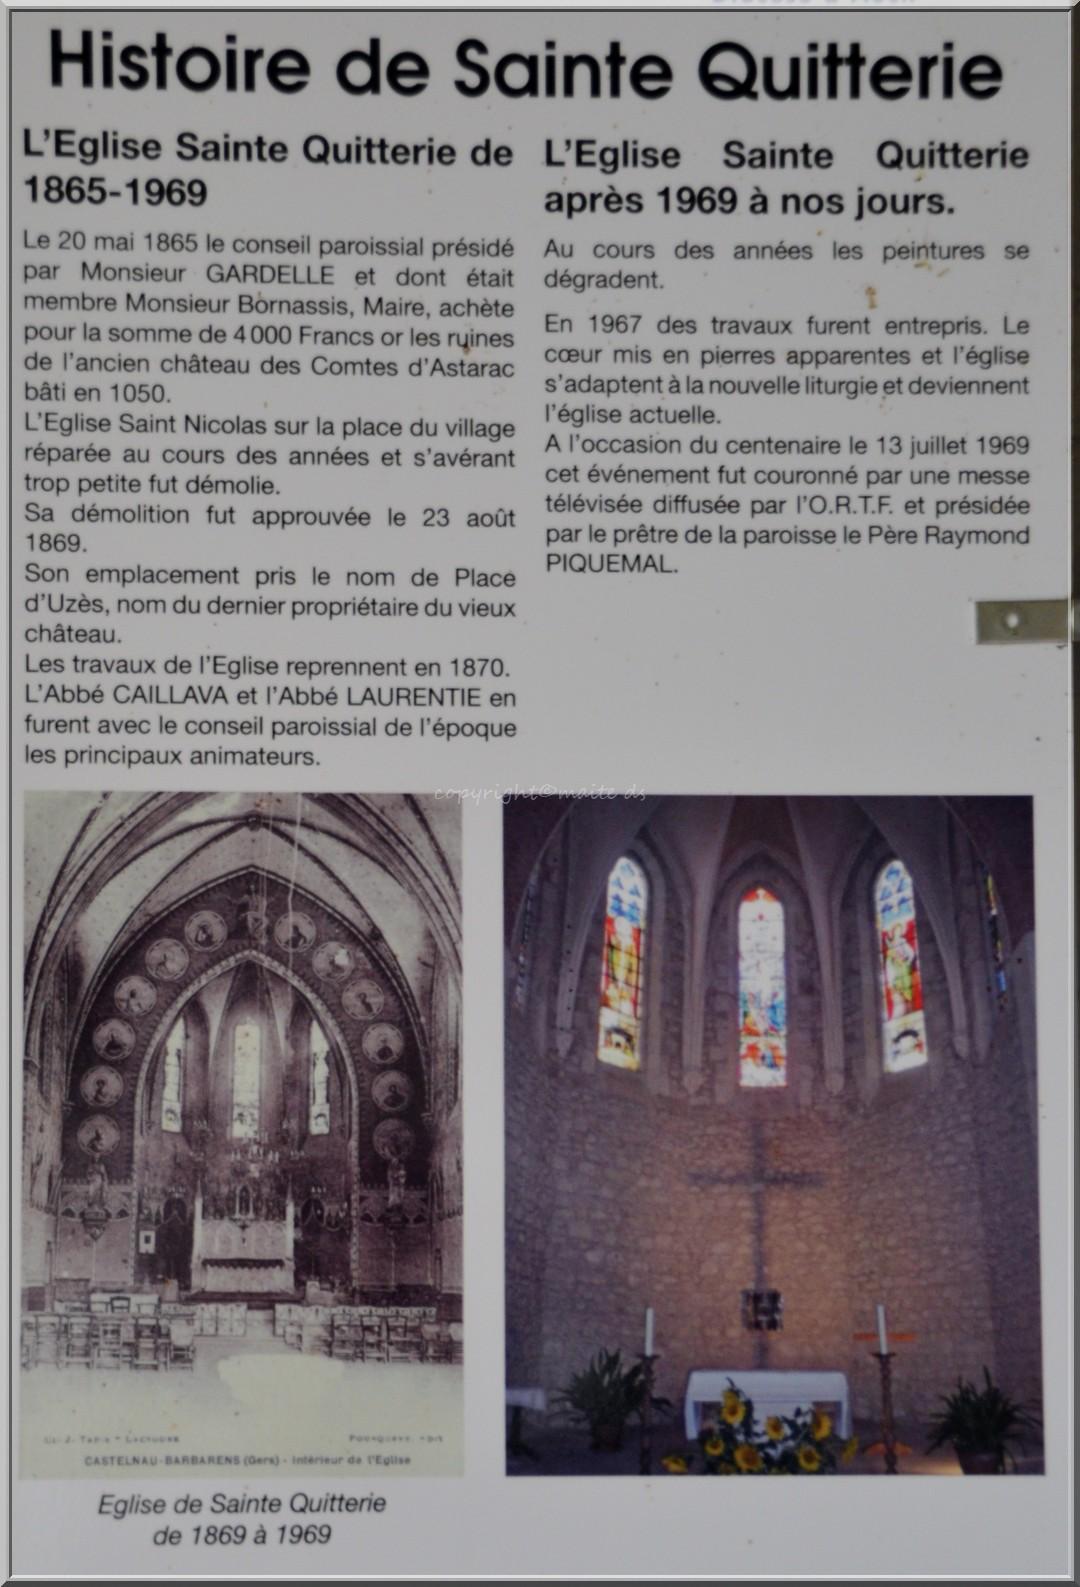 Histoire de l'église Ste-Quitterie Castelnau Barbarens - Gers (3)